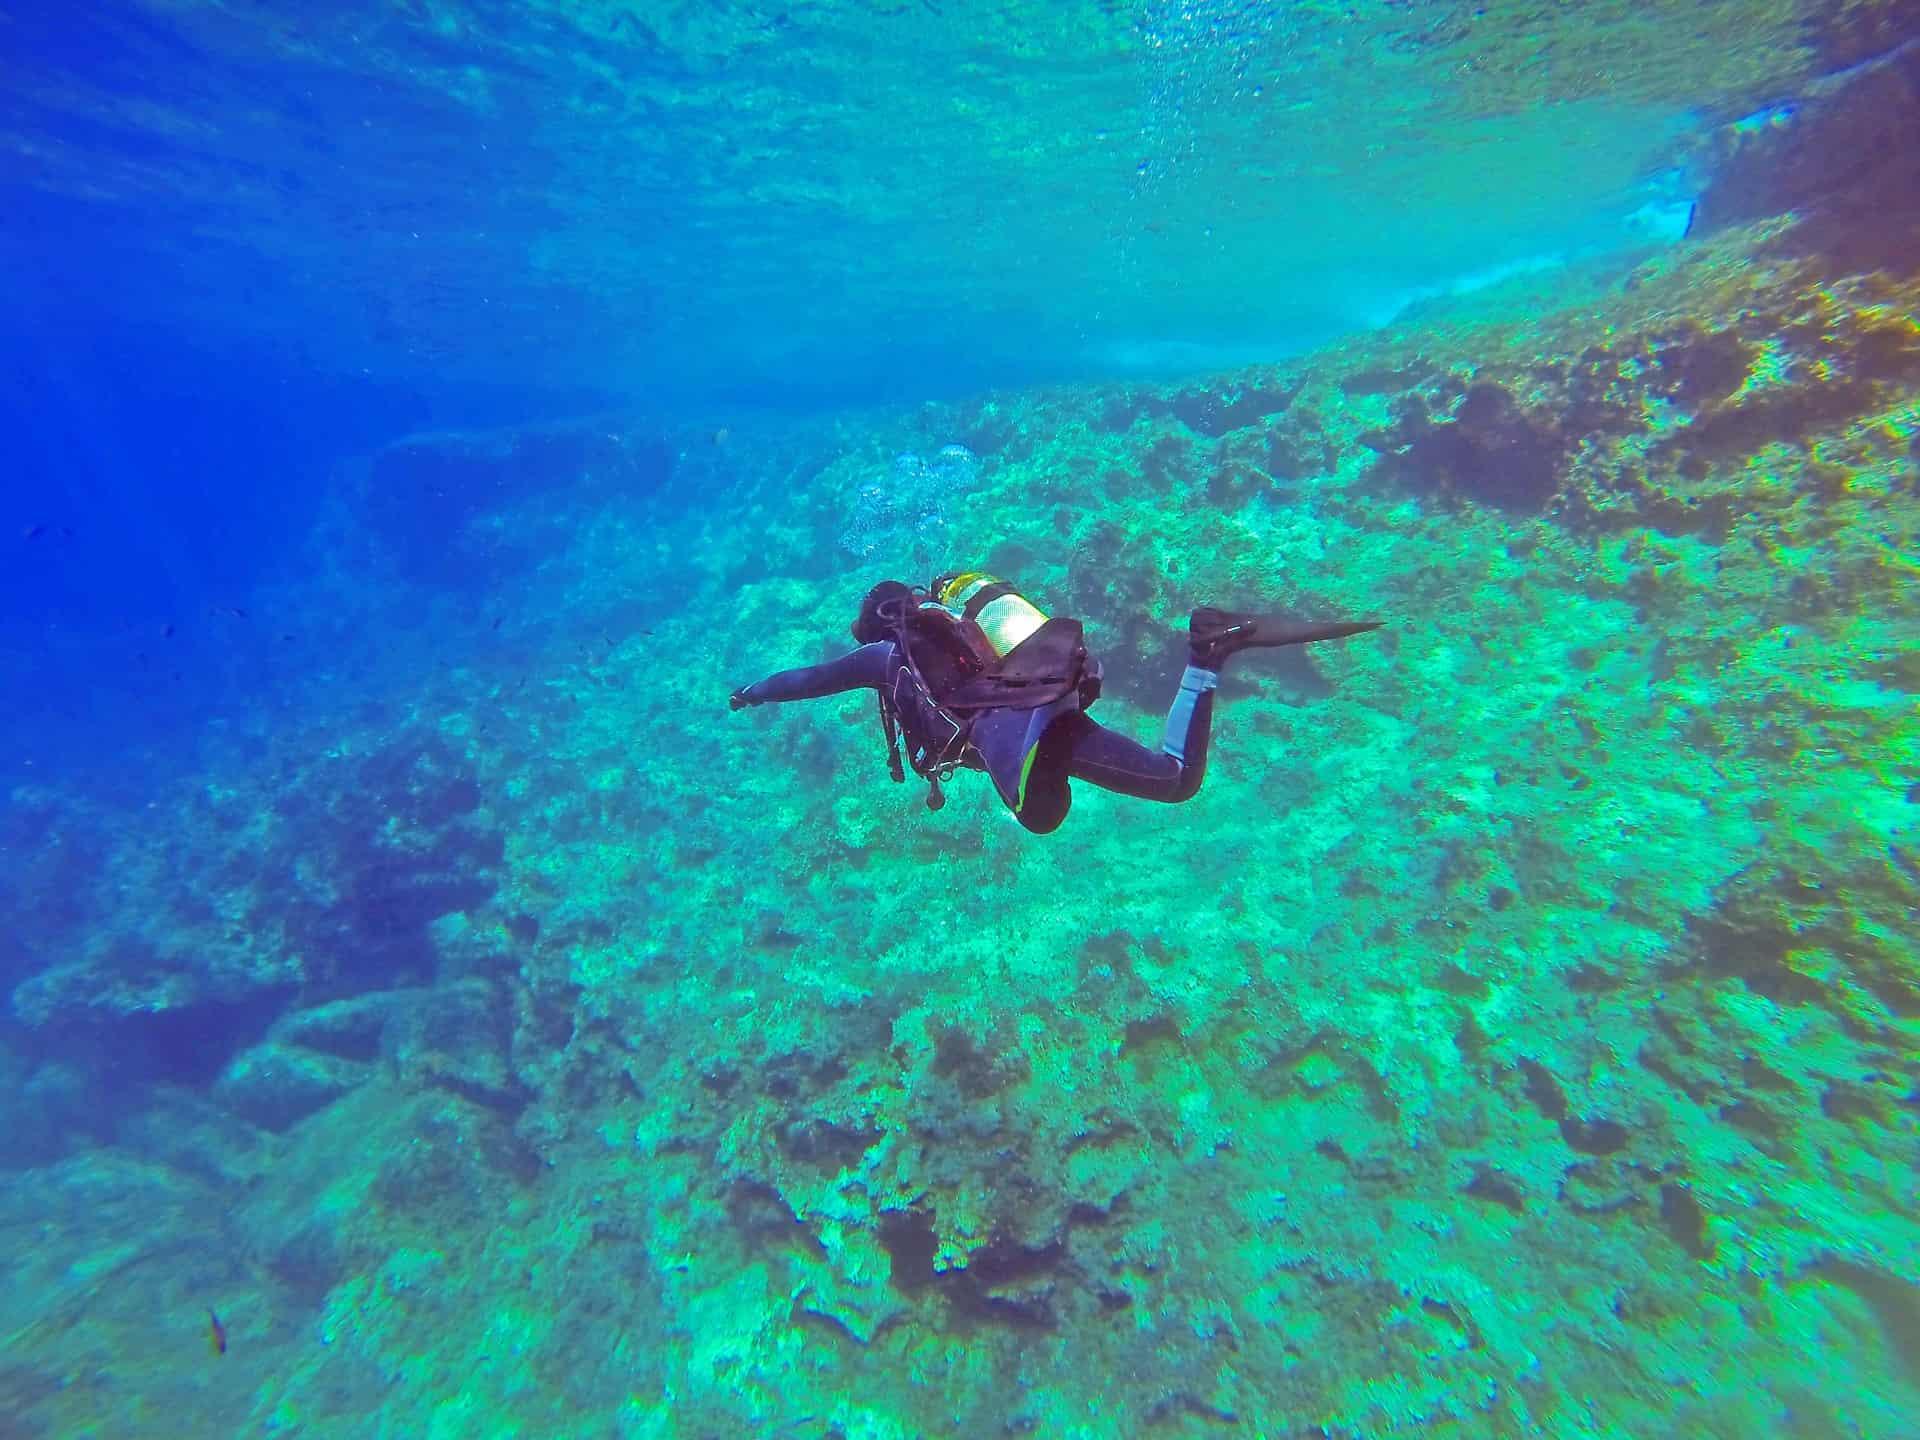 Mindestens einen Tag sollte man sich die unter Wasserwelt im Mittelmeer auf der Insel gönnen